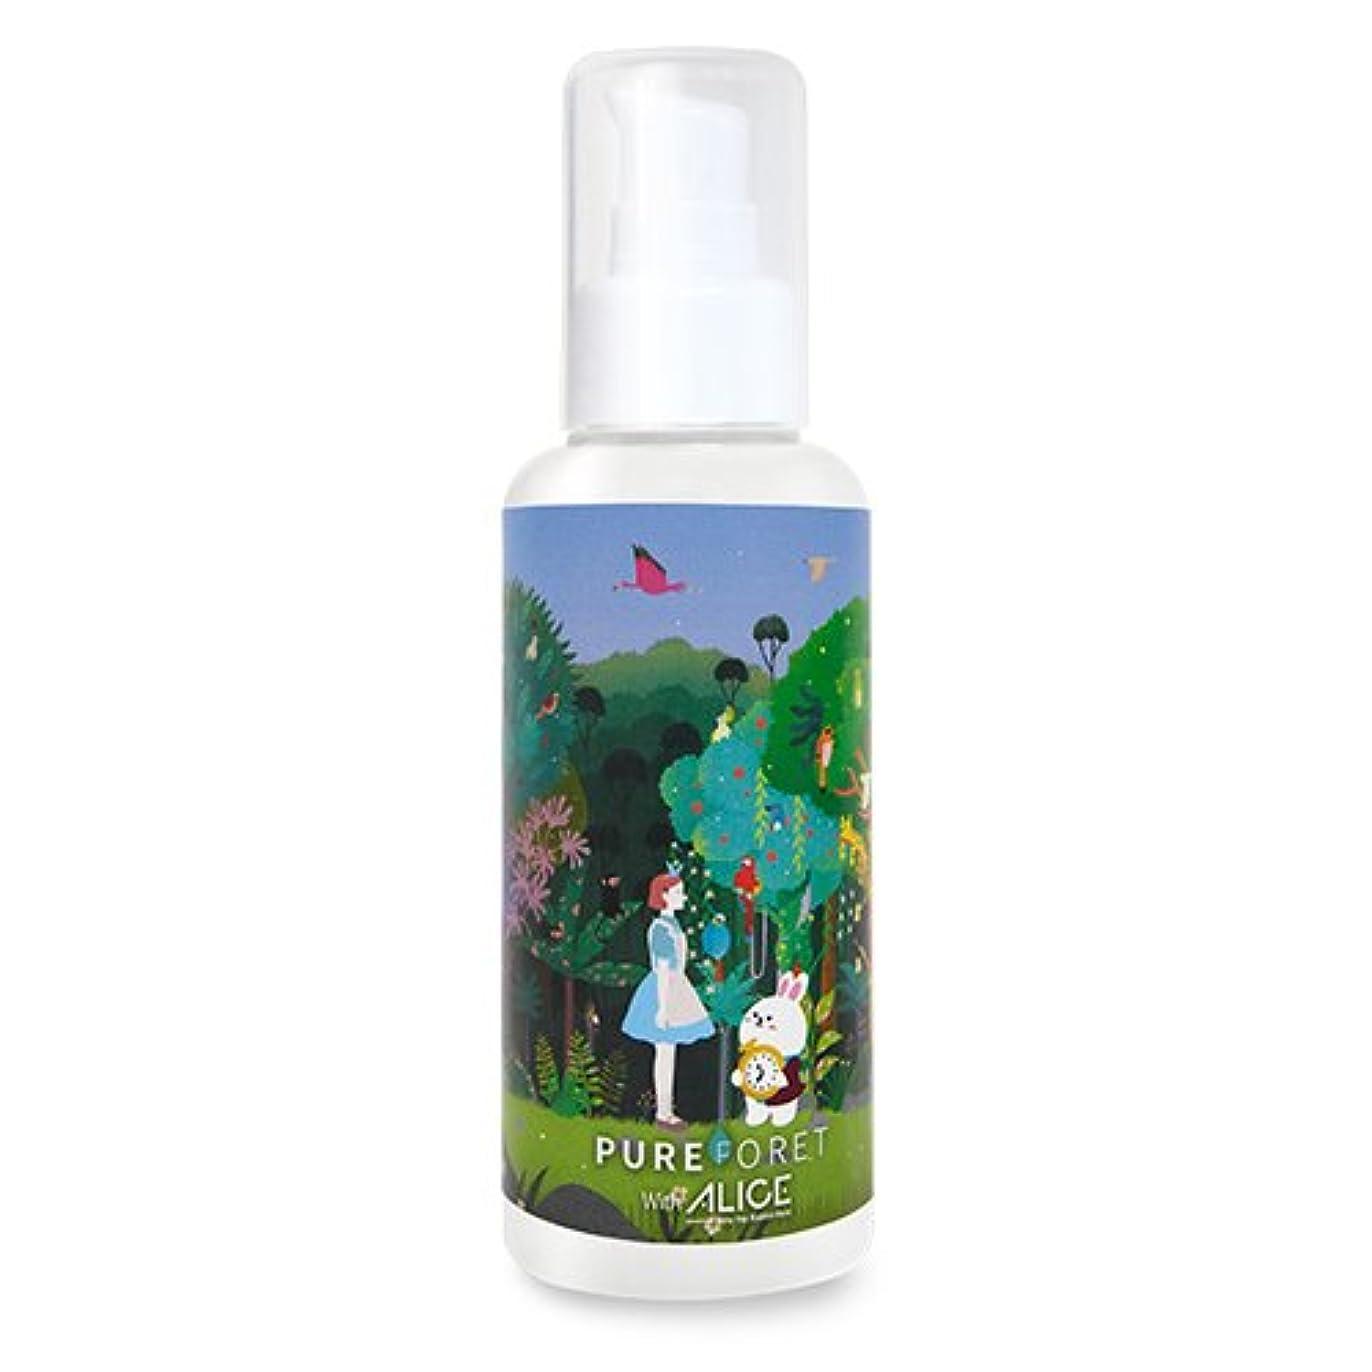 シーケンスワーディアンケース定期的に韓国産 Pureforet x Alice スキンリペア ハイドレーティング スキン 化粧水 (150ml)